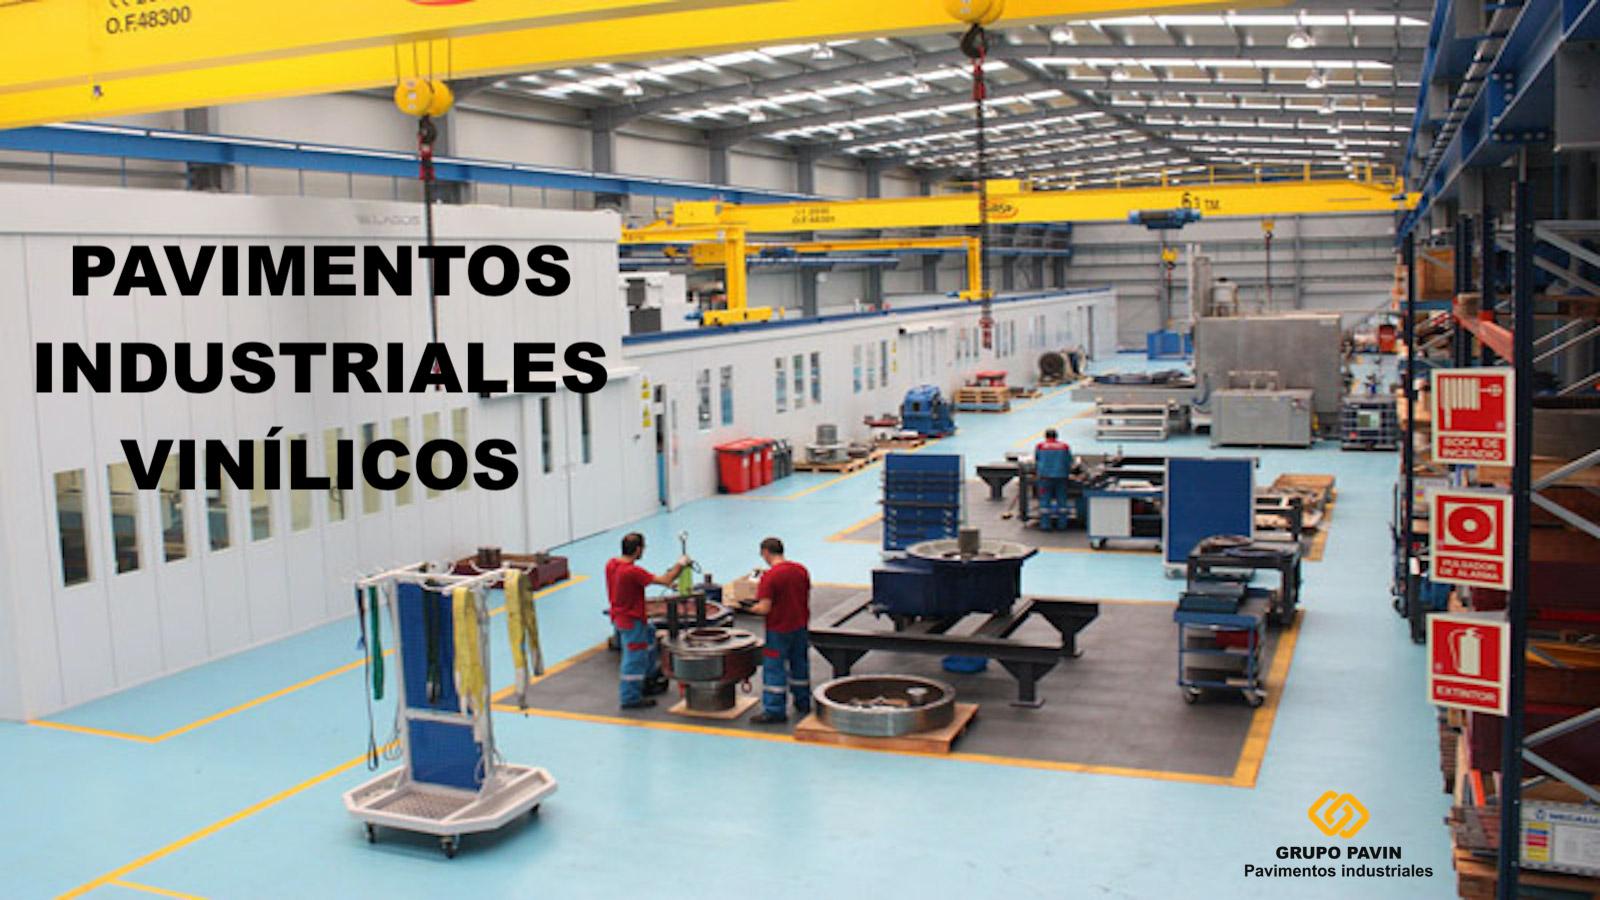 GRUPO PAVIN - Pavimentos industriales y decorativos | Suelos vinílicos industriales - PavinTrafic